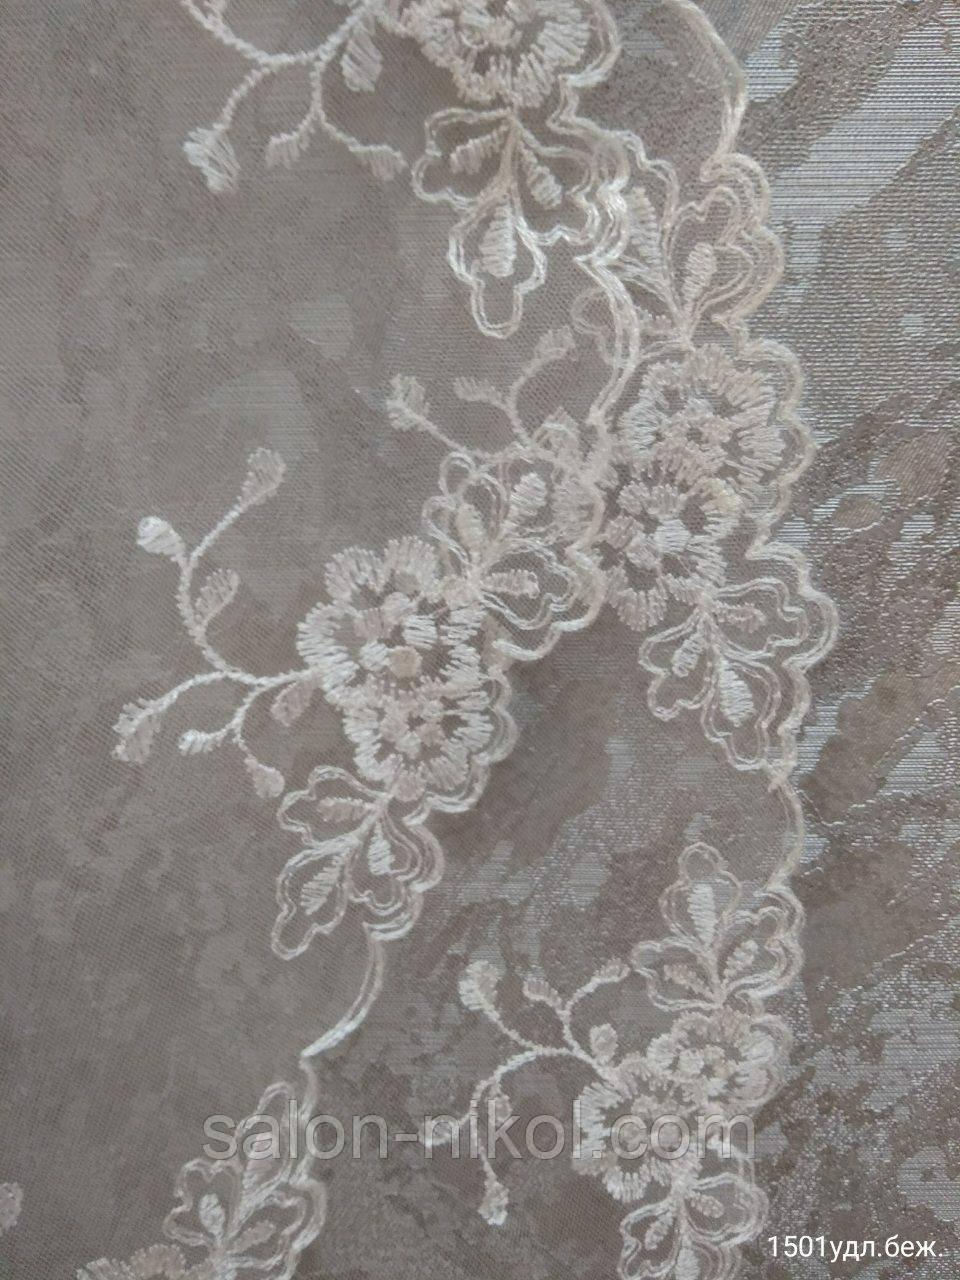 Фата с вышивкой № 1501 (1,5*2 м) удлиненная бежевая